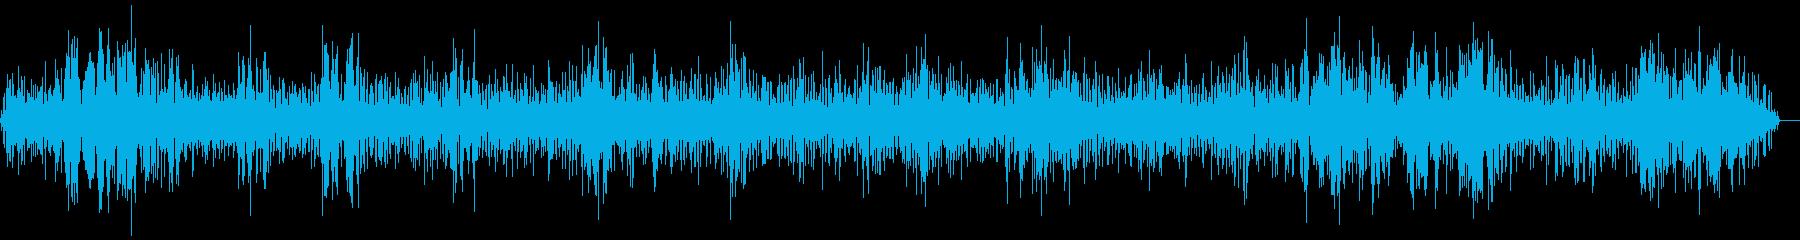 【ザー】電波の悪い無線ノイズ音の再生済みの波形